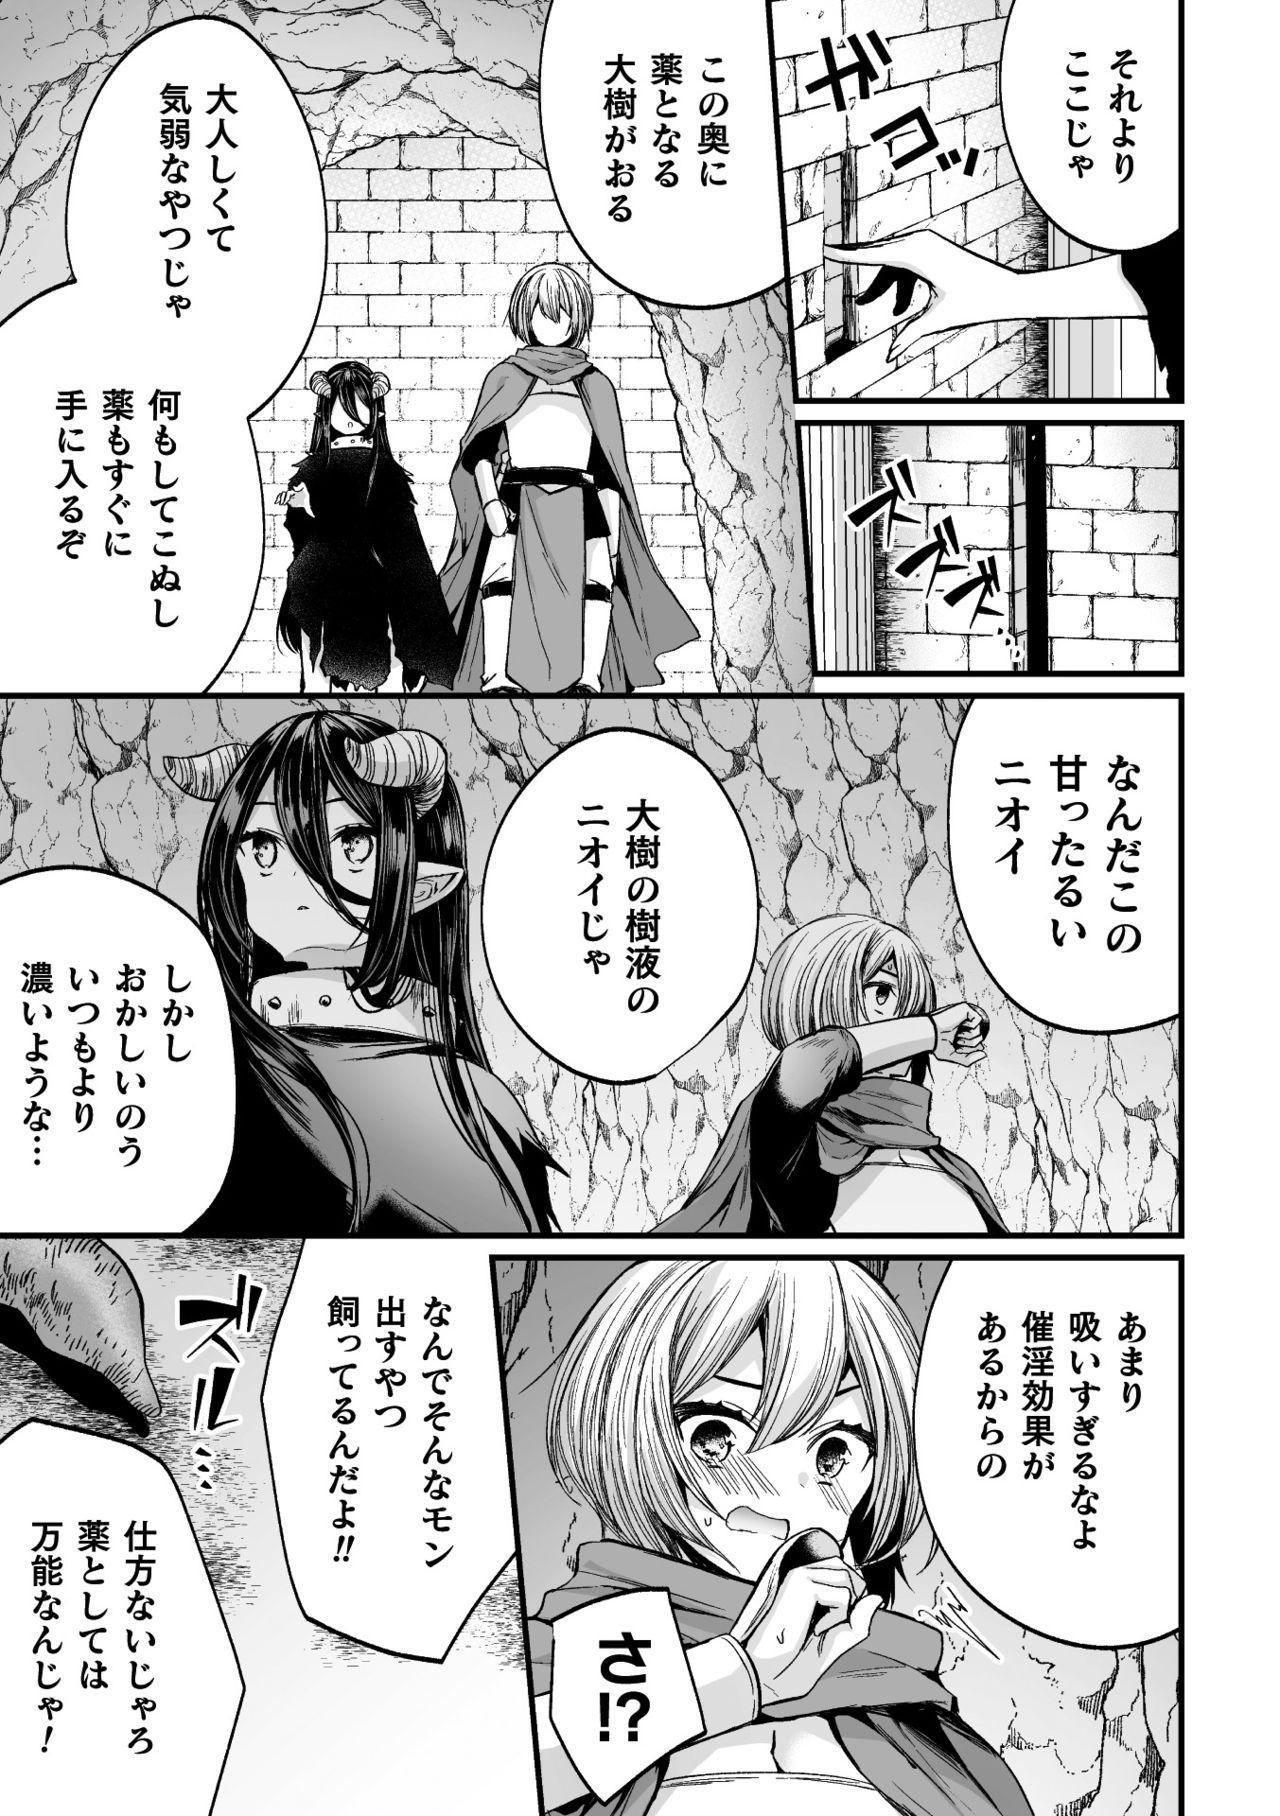 2D Comic Magazine Mesu Ochi! TS Ero Trap Dungeon Vol. 3 26